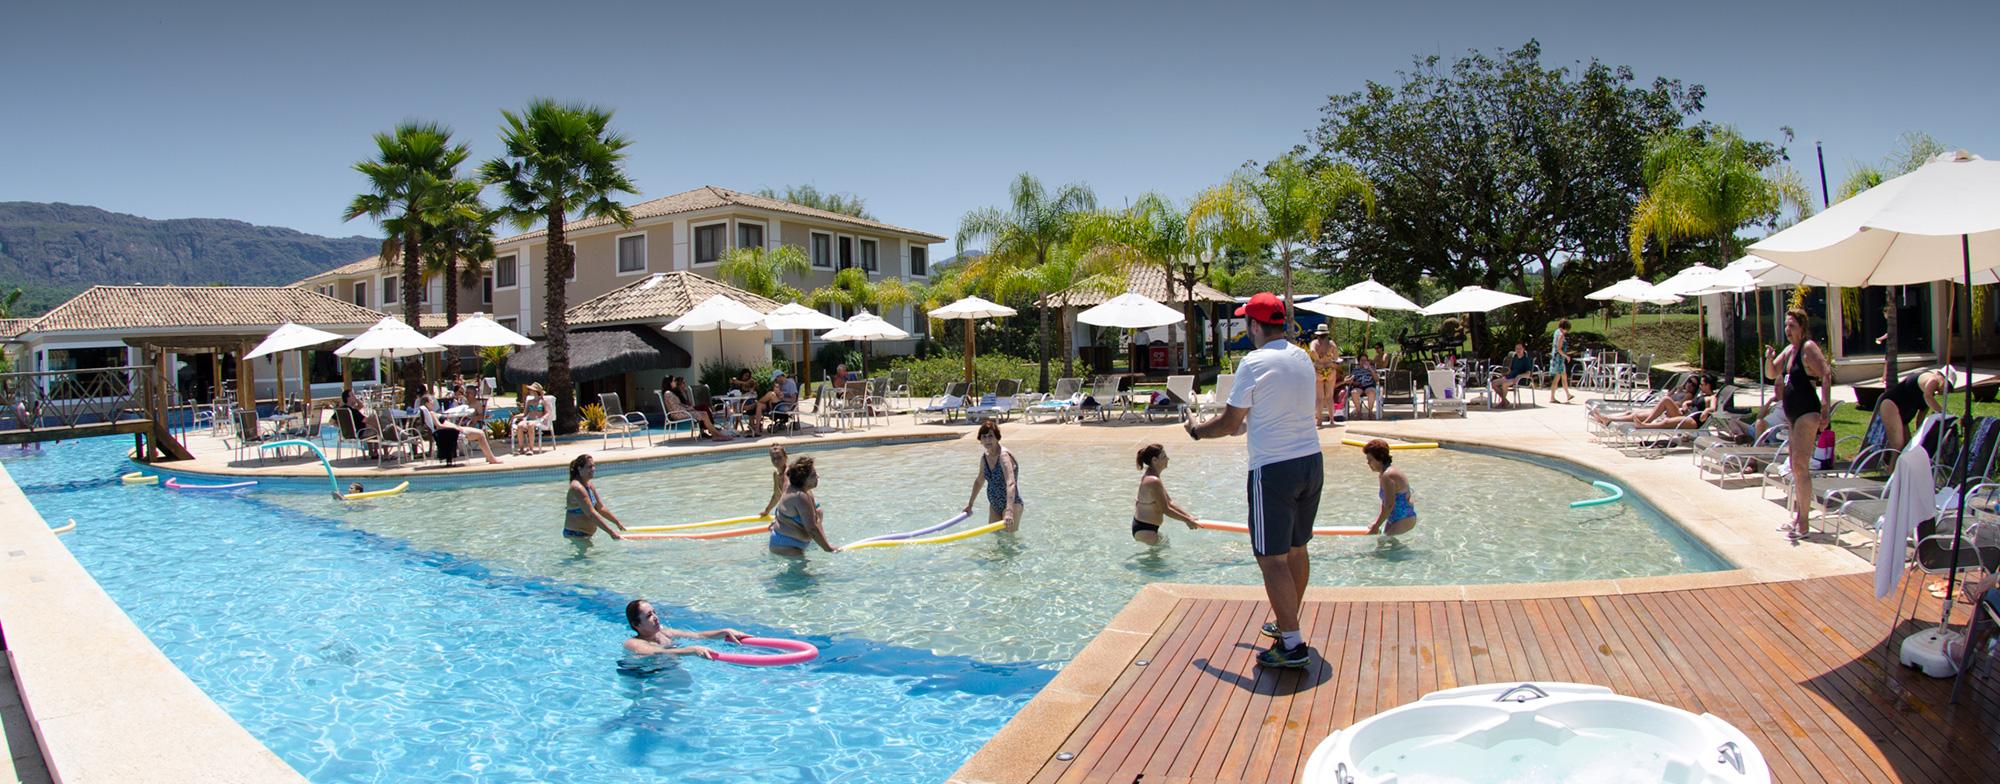 banner-16_santissimo-resort_tiradentes_minas-gerais_feriado-15-de-novembro